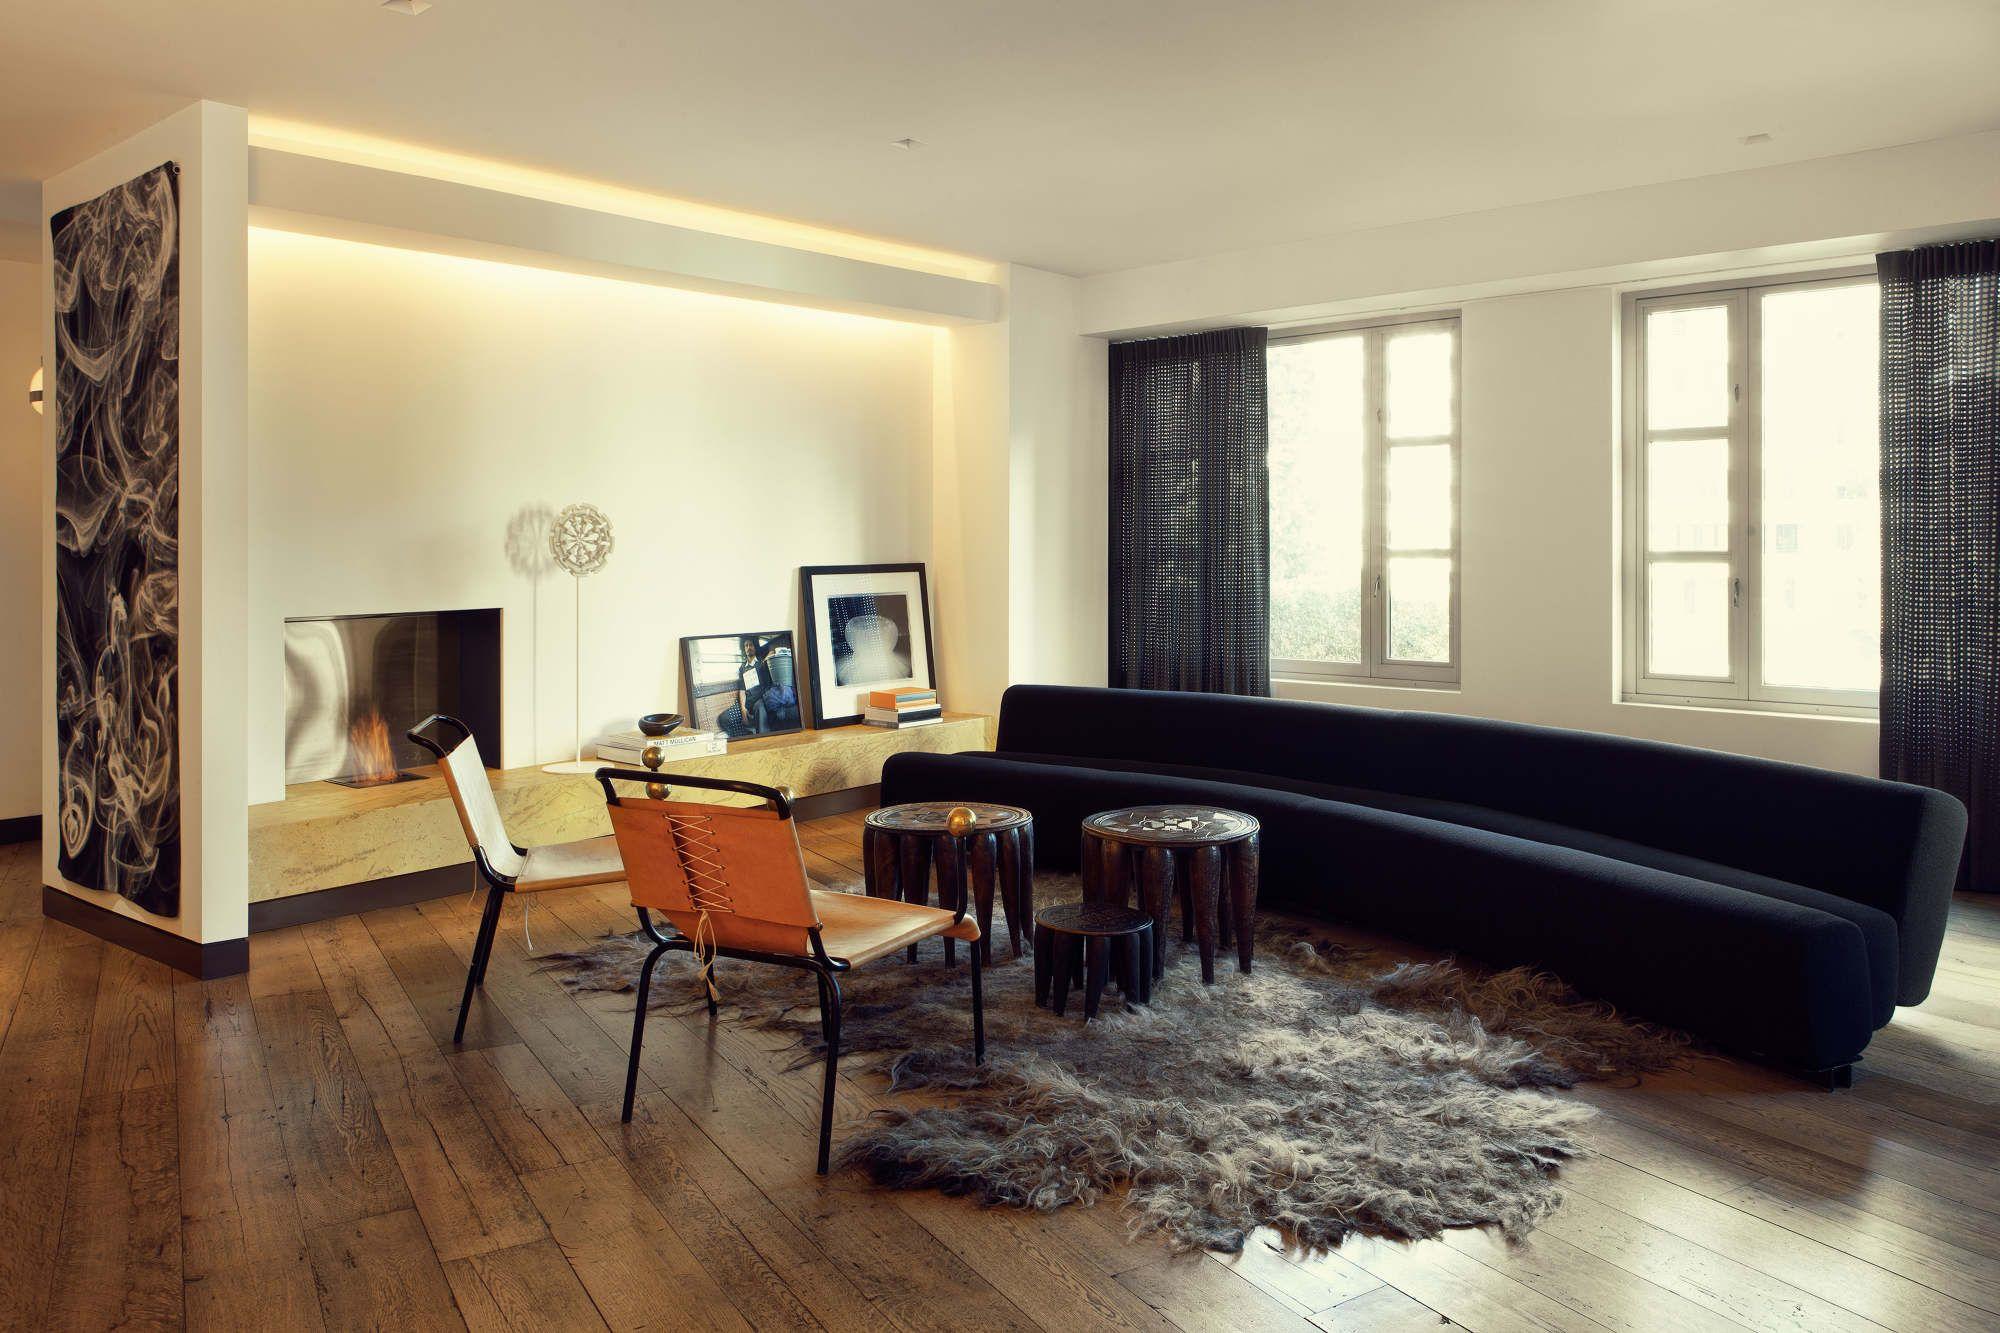 Third Floor Apartment The Archers Interior Design Interior